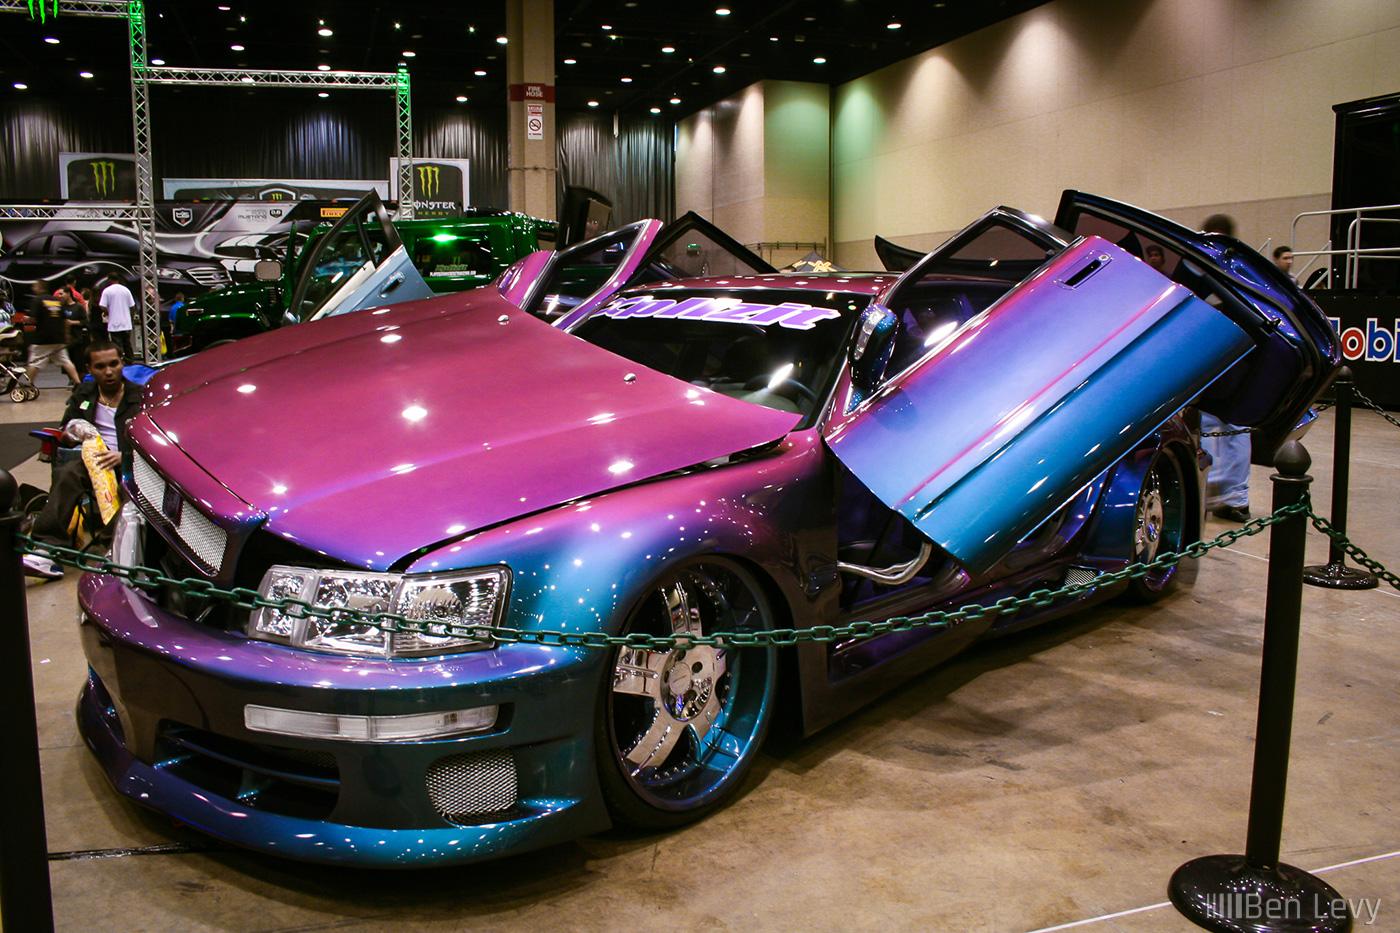 Lexus Ls400 With Chameleon Paint Benlevy Com